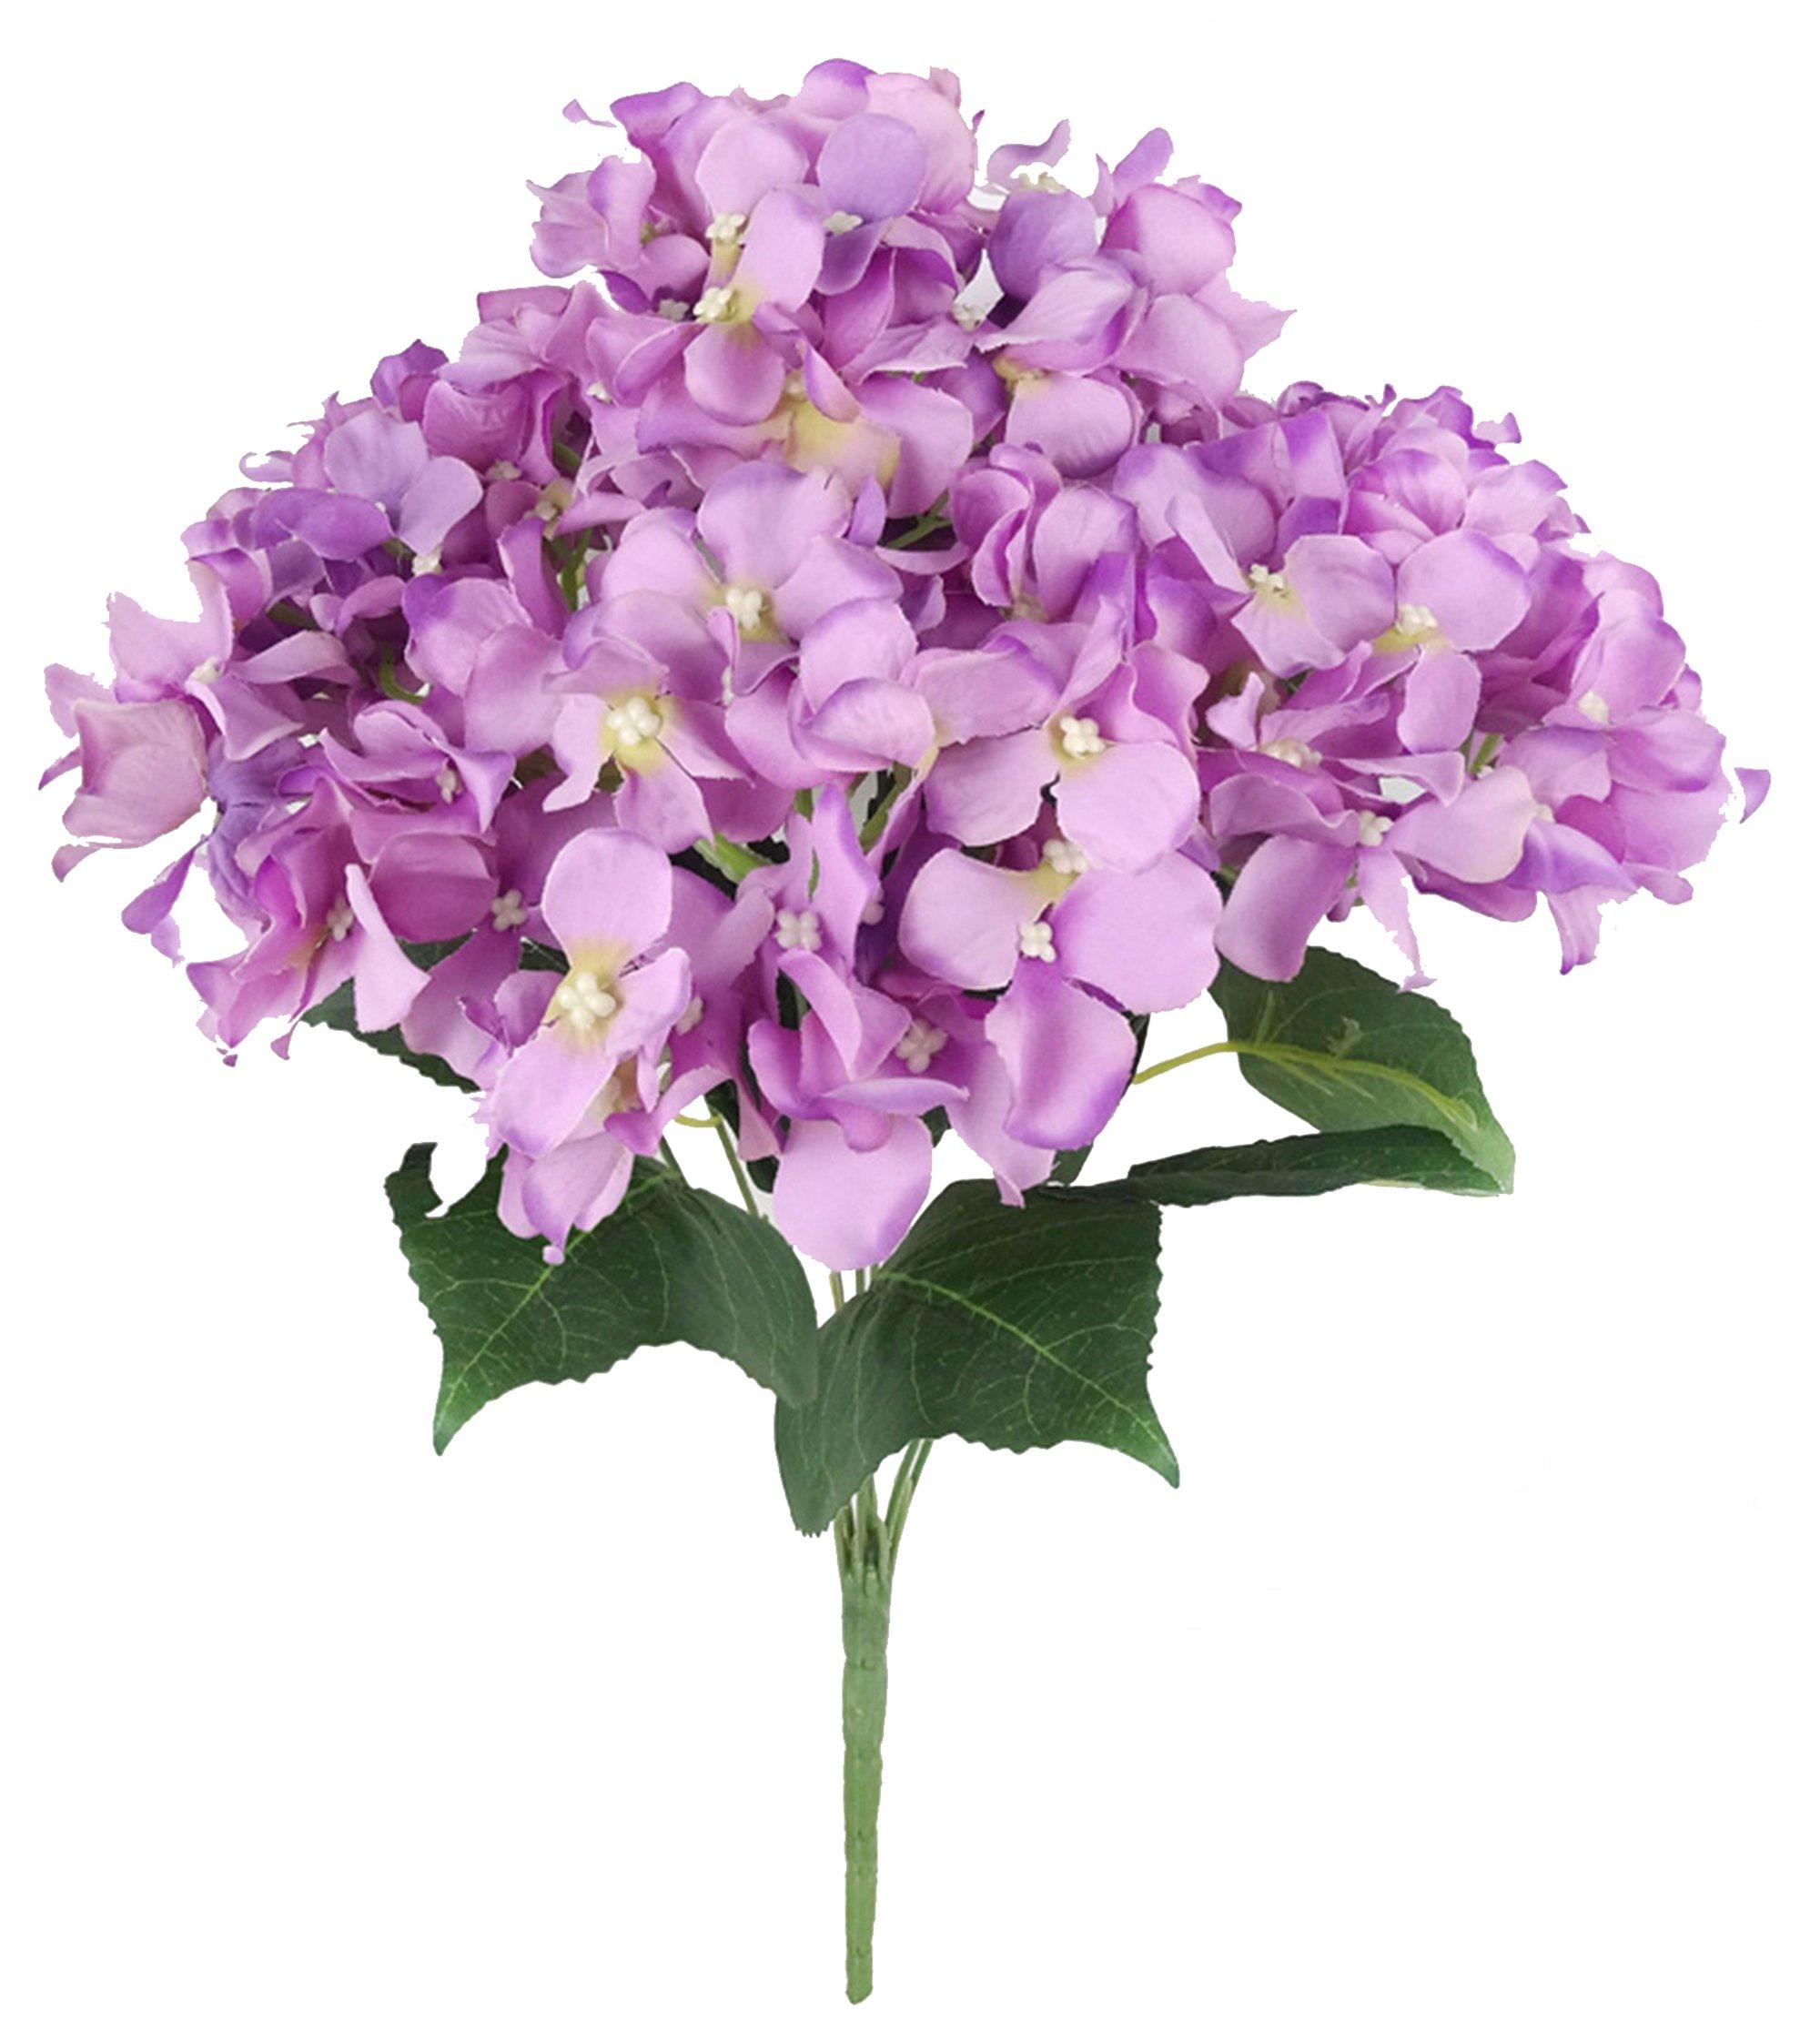 Efivs Arts – Ramo de flores artificiales de seda de 45 cm, 7 cabezas grandes, ideal para bodas, habitaciones, hogares…